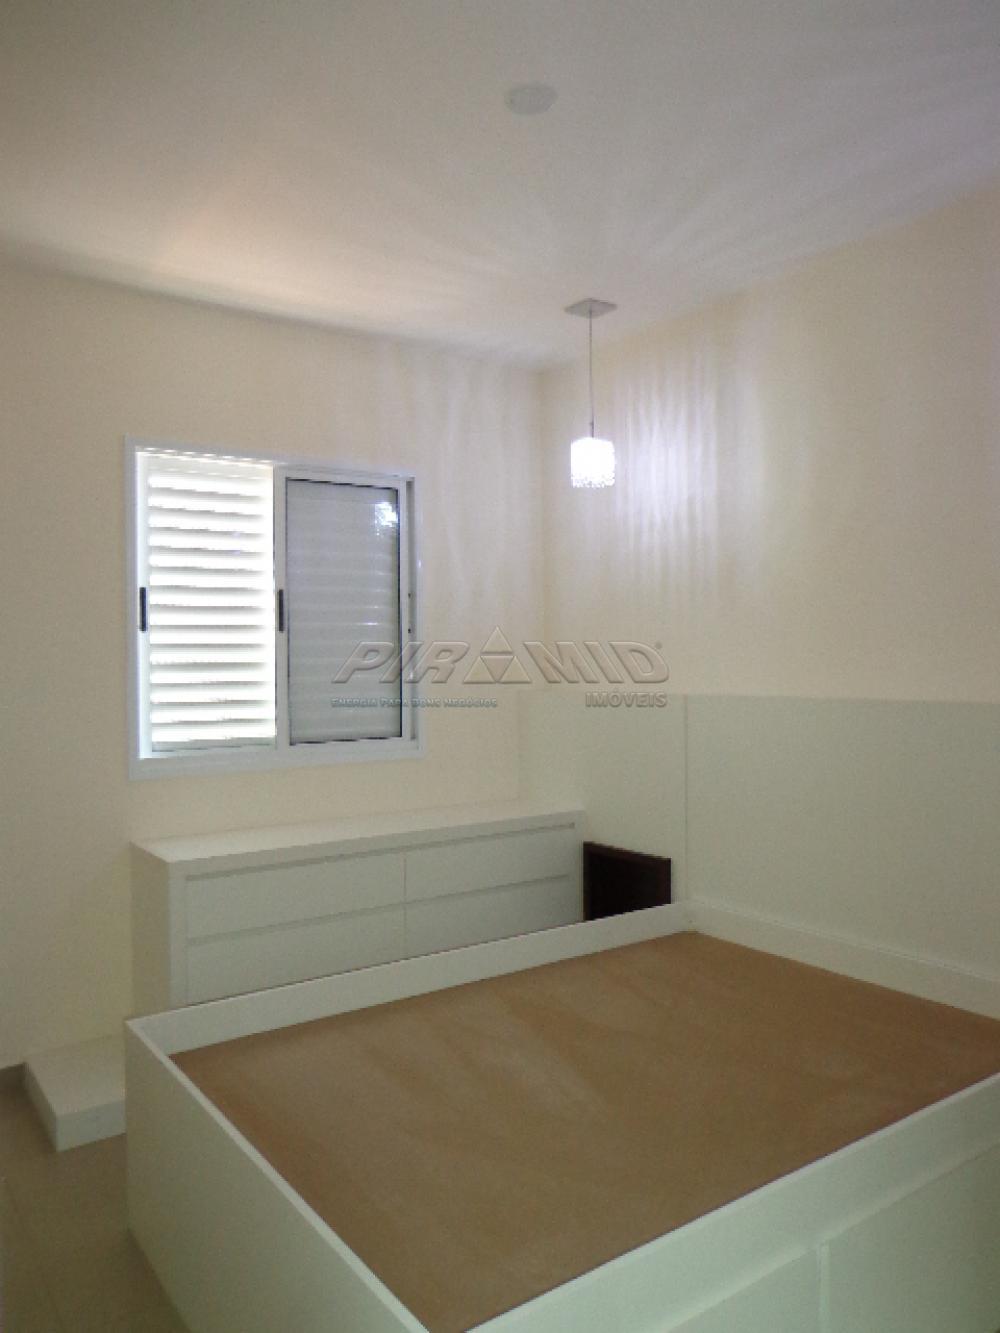 Alugar Casa / Condomínio em Ribeirão Preto apenas R$ 2.200,00 - Foto 16